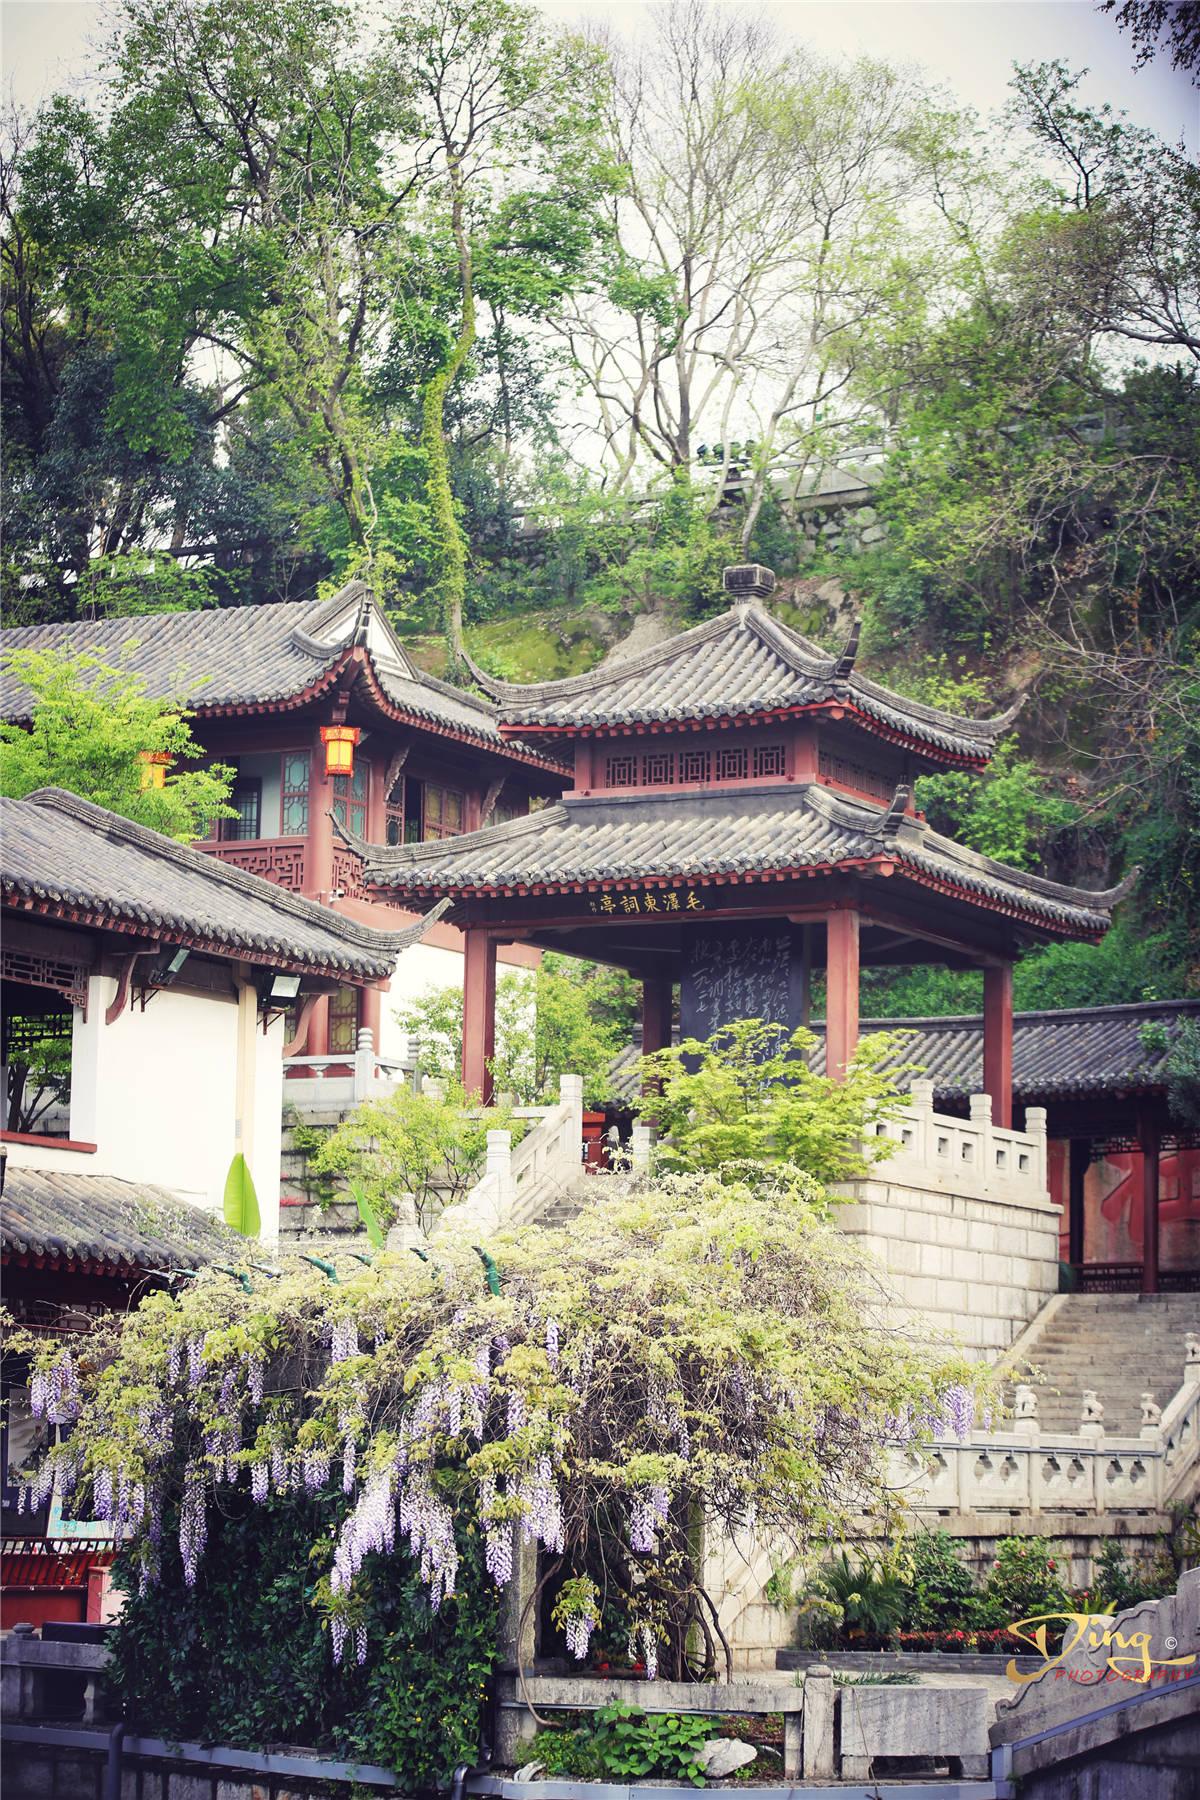 天下绝景黄鹤楼,雄踞长江之滨,蛇山之首,被称天下江山第一楼